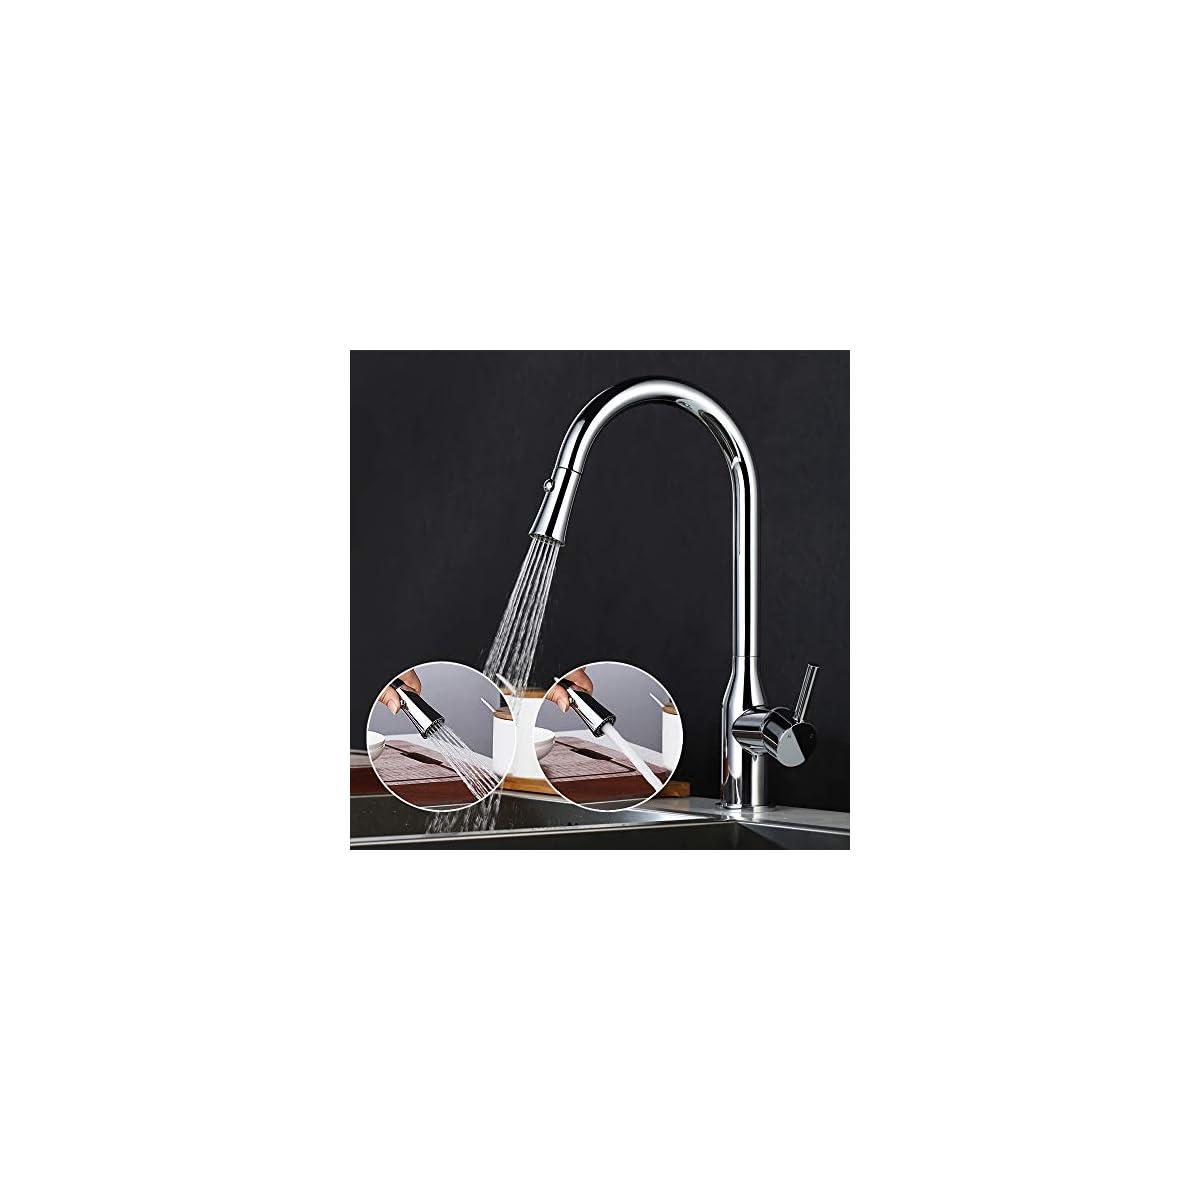 510a2eOBShL. SS1200  - DESFAU 2 funciones Grifo de cocina 360° Giratorio Grifo de Fregadero Extraíble Monomando de Fregadero Grifería cocina Agua Fría y Caliente Cromado